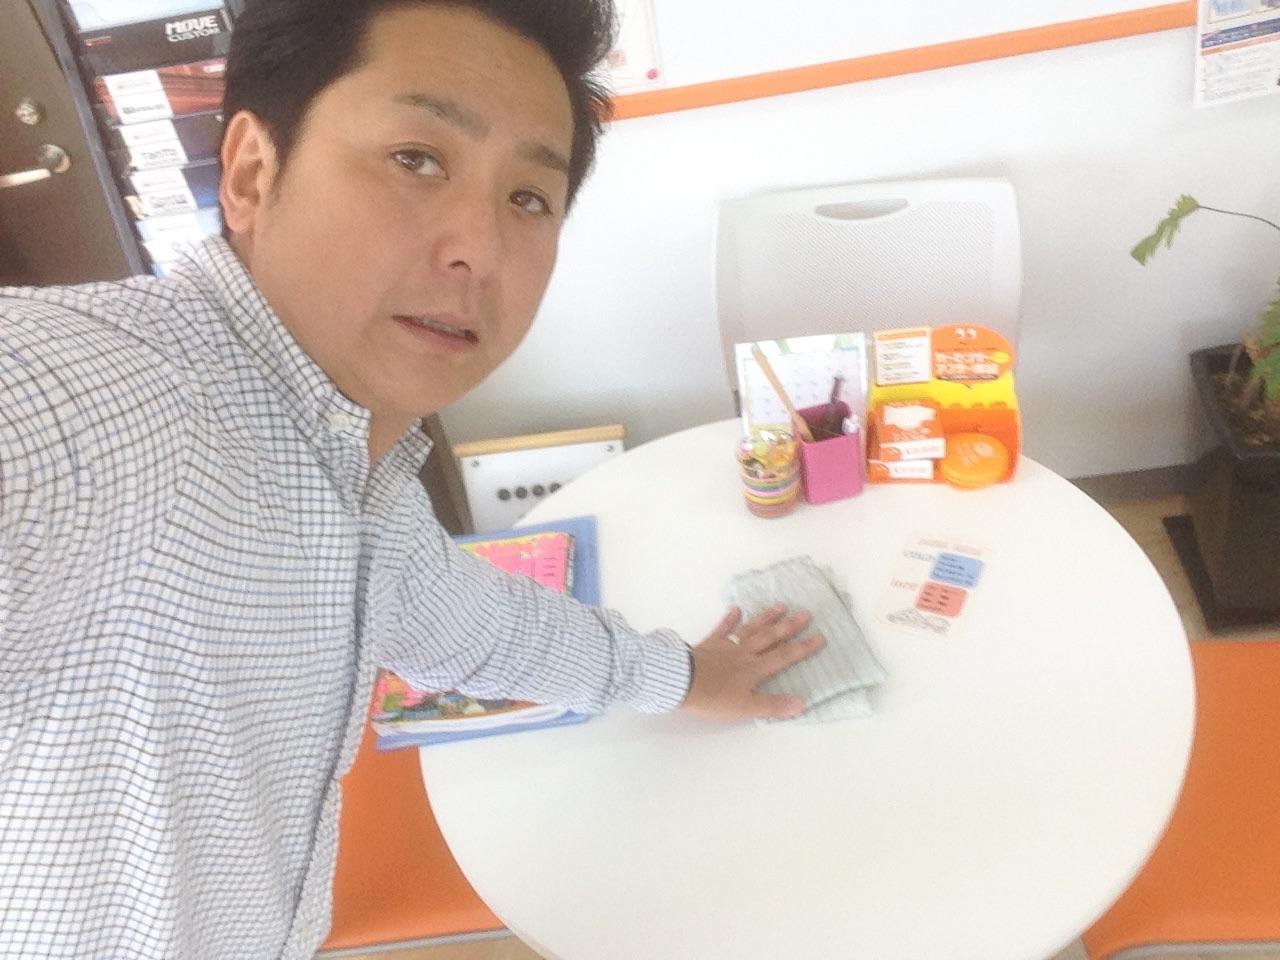 ゴールデンウィークも営業中☆ローンサポート☆自社ローン☆100万以下専門店_b0127002_15505782.jpg